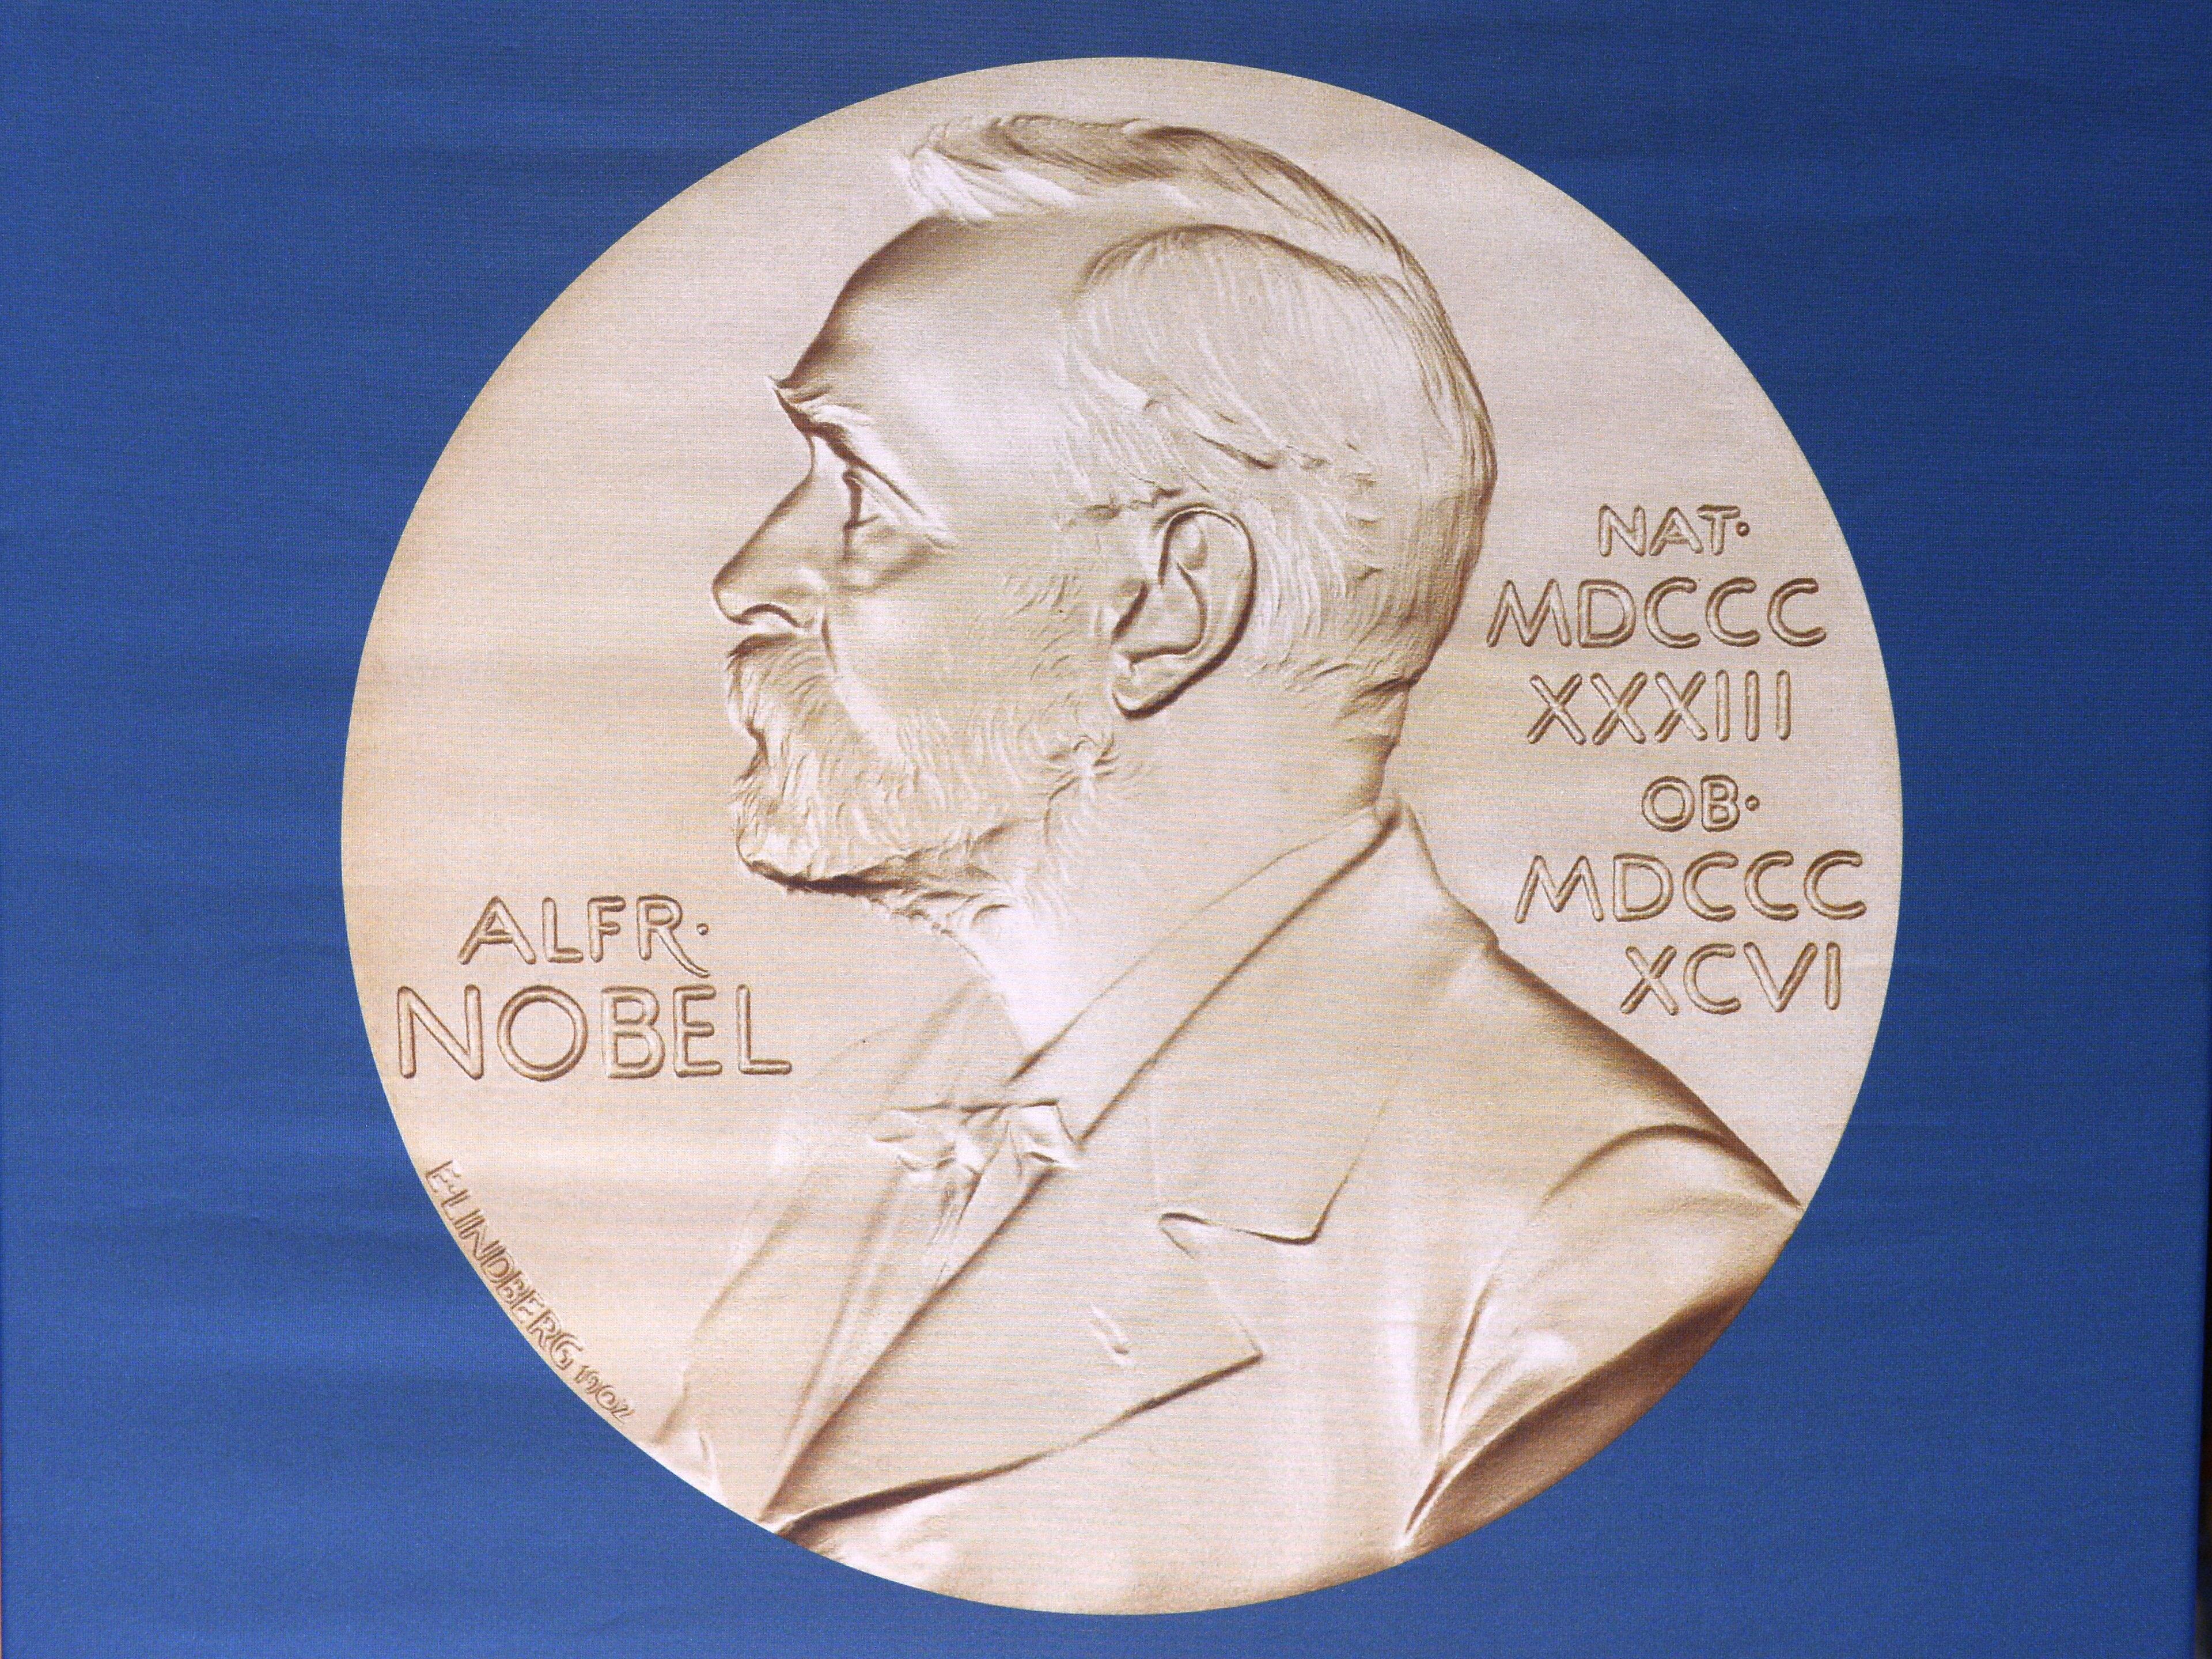 Медаль с изображением Альфреда Нобеля